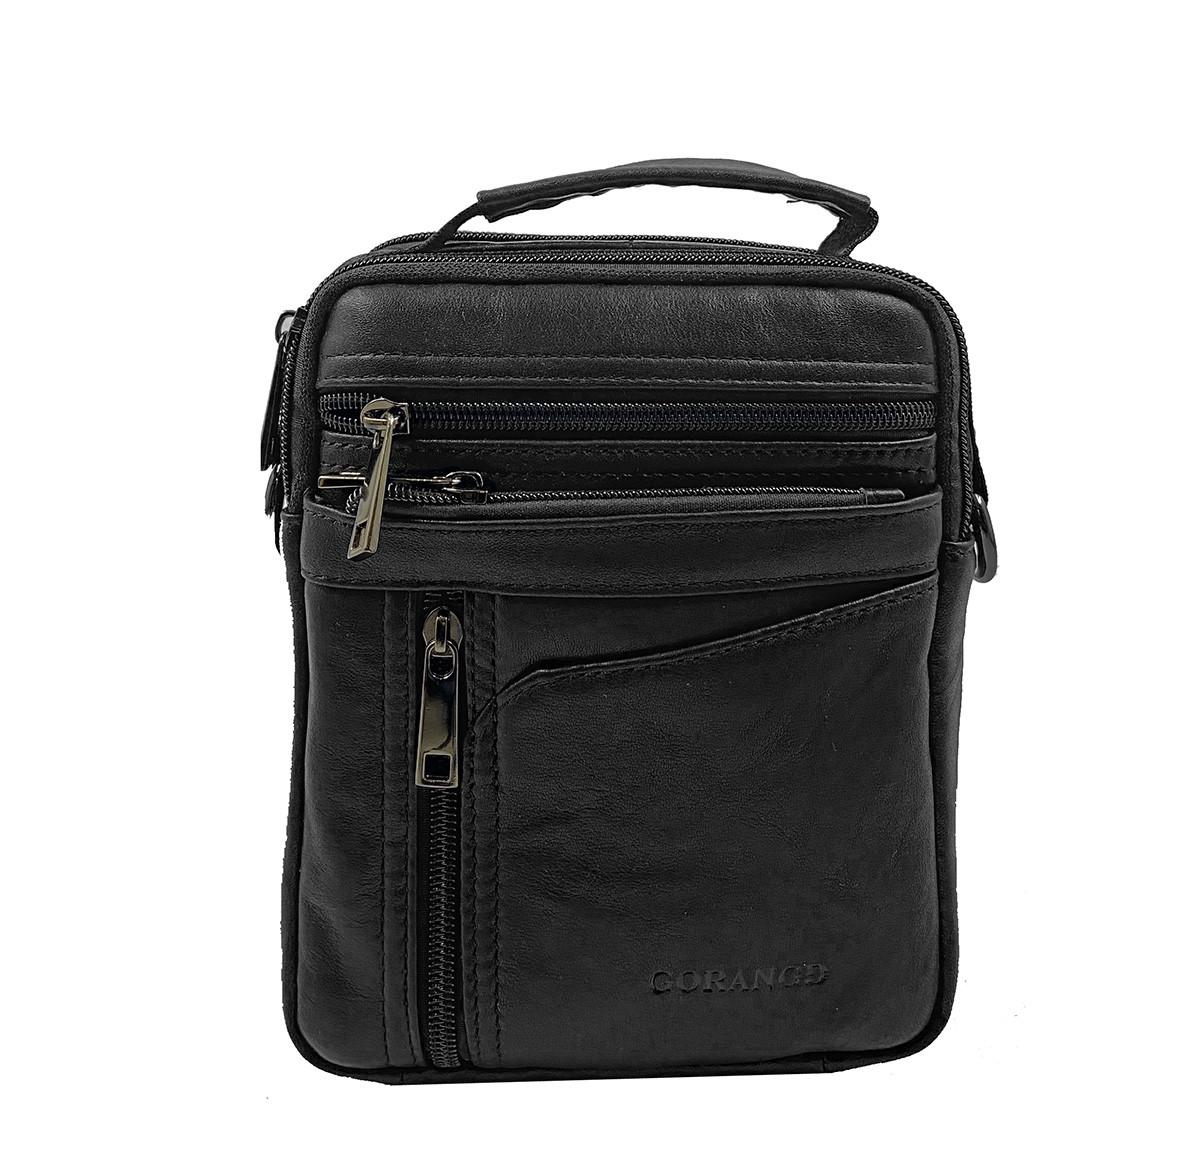 Кожаная мужская сумка Gorangd 16 x 20 x 8см Черный (g9351)